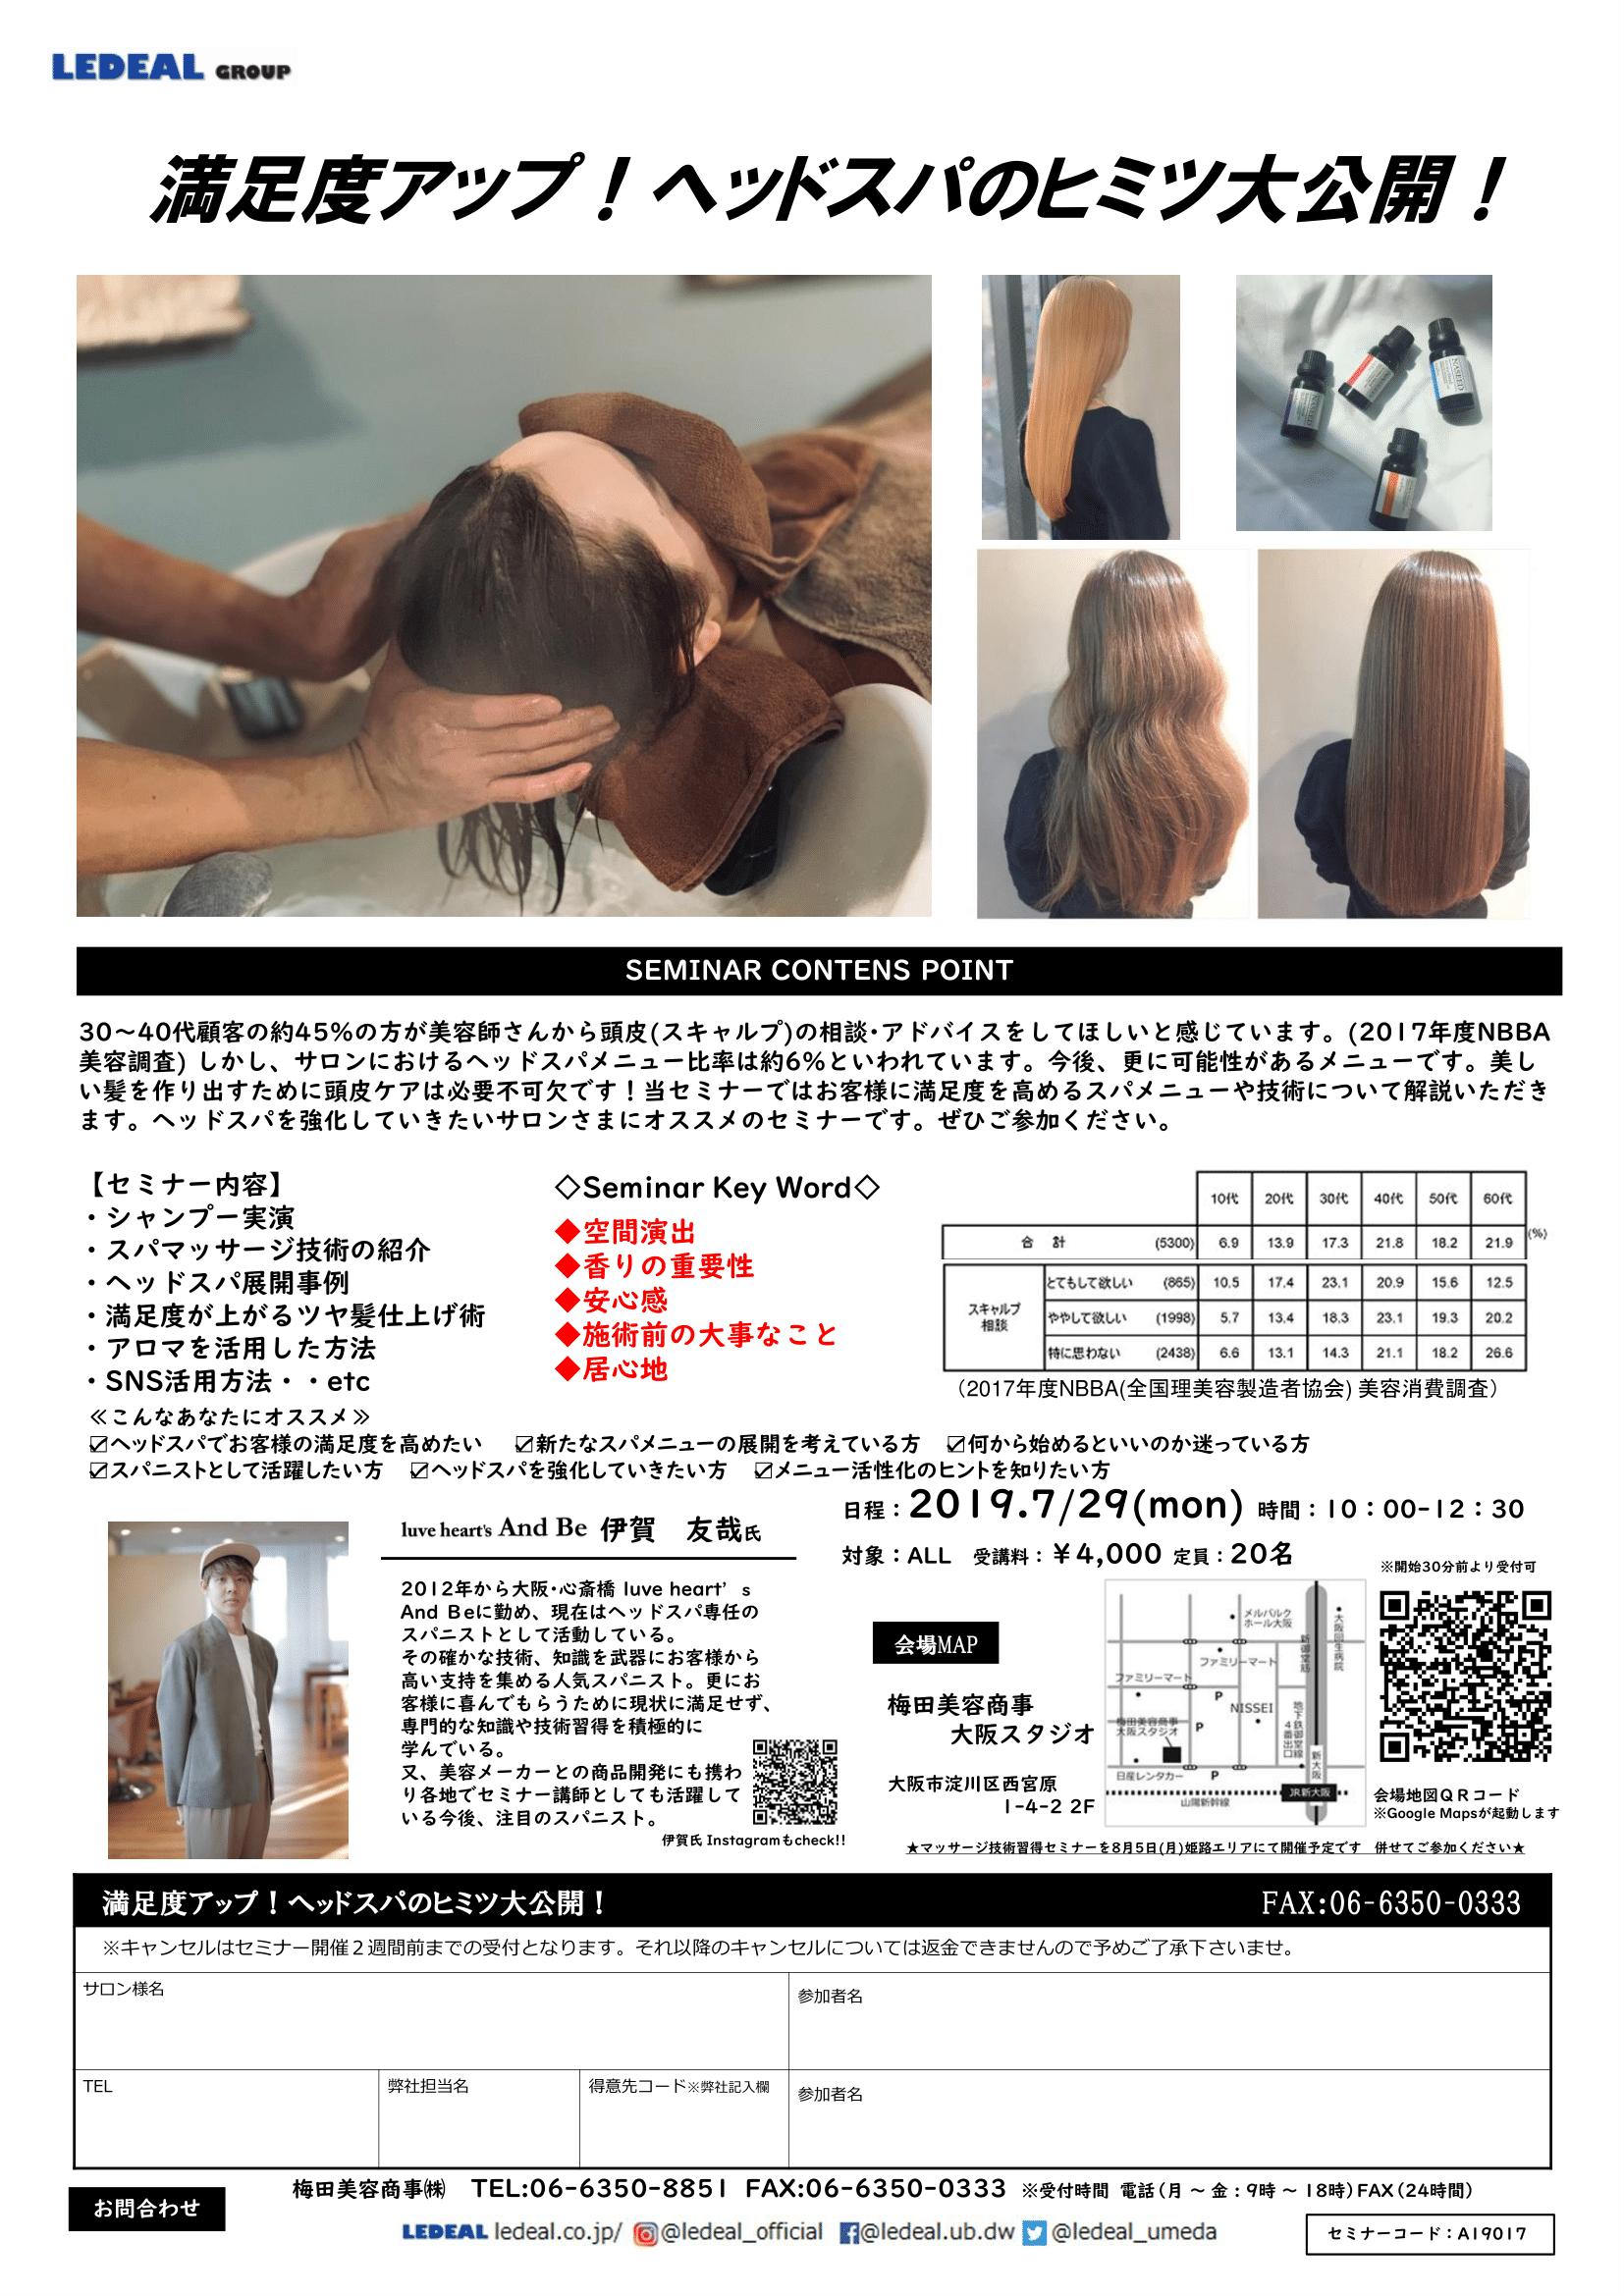 【大阪】満足度アップ!ヘッドスパのヒミツ大公開!